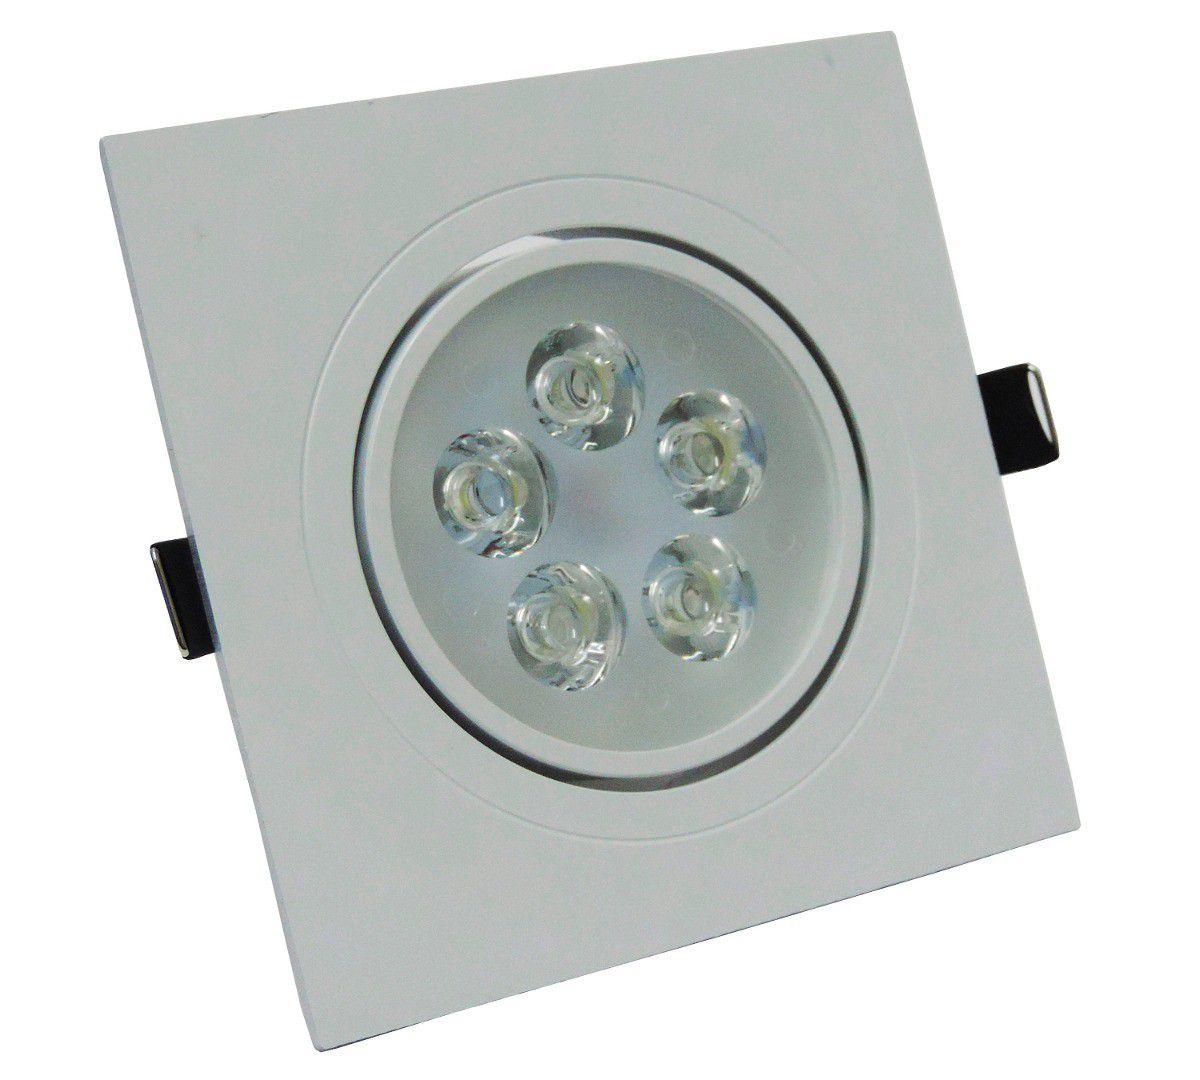 SPOT LED EMBUTIR SMD 5W DIRECIONÁVEL 120x120MM QUADRADO BIVOLT - BRANCO FRIO 6500K